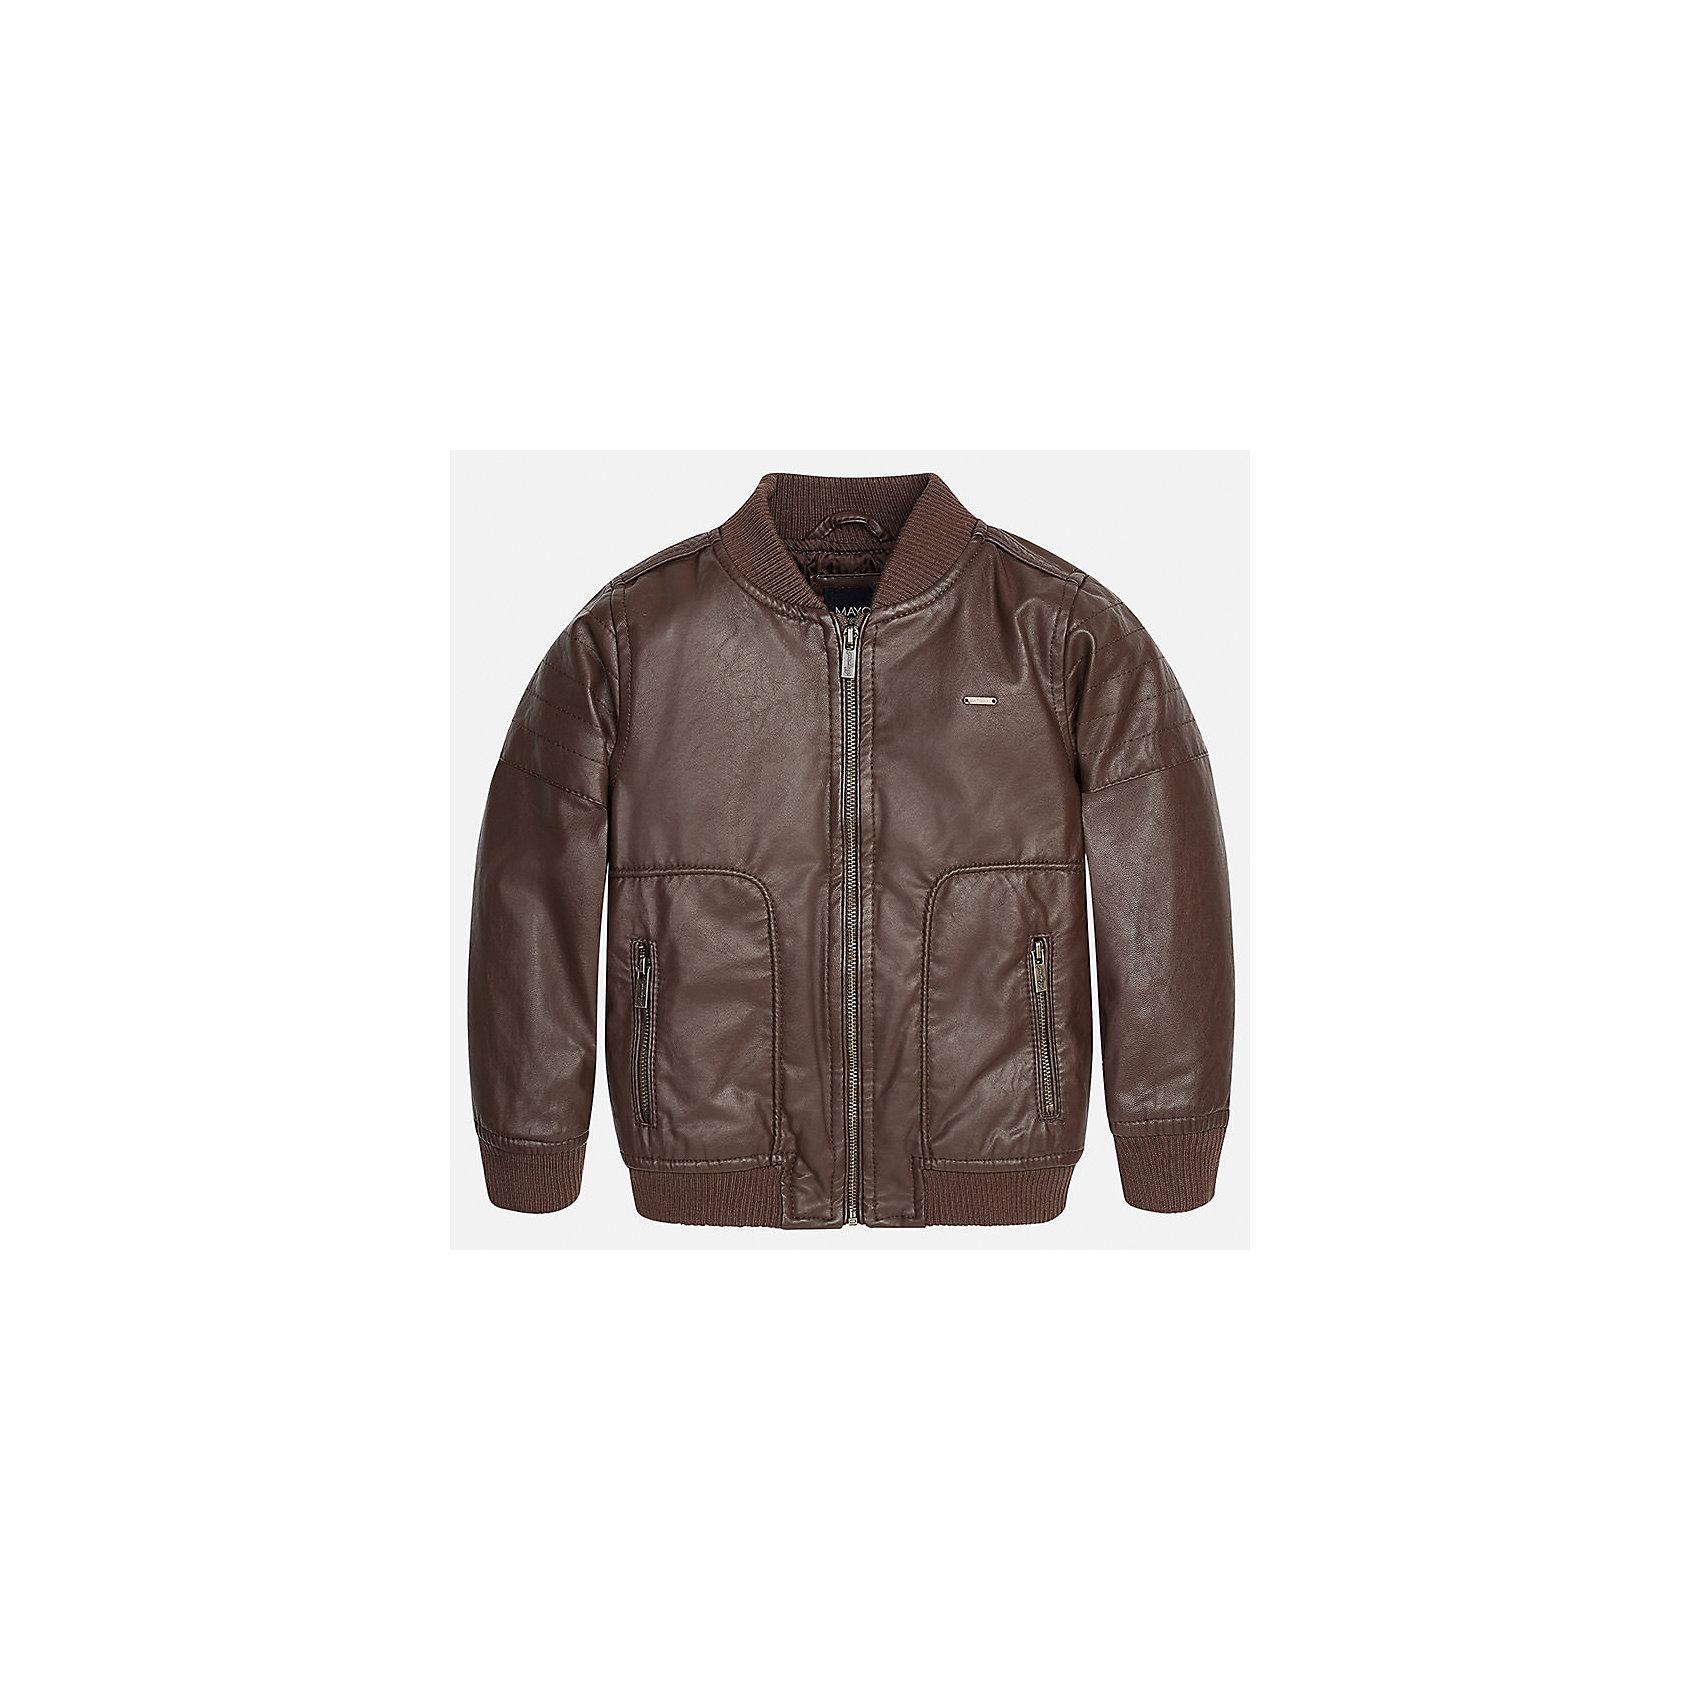 Куртка для мальчика MayoralДемисезонные куртки<br>Характеристики товара:<br><br>• цвет: коричневый<br>• состав ткани: 100% полиуретан<br>• подкладка: 100% полиэстер<br>• утеплитель: 100% полиэстер<br>• сезон: демисезон<br>• температурный режим: от +5 до +15<br>• особенности куртки: на молнии<br>• застежка: молния<br>• страна бренда: Испания<br>• страна изготовитель: Индия<br><br>Детская куртка сделана из материала под кожу. Благодаря качественной ткани детской куртки для мальчика создаются комфортные условия для тела. Коричневая куртка для мальчика отличается стильным продуманным дизайном.<br><br>Куртку для мальчика Mayoral (Майорал) можно купить в нашем интернет-магазине.<br><br>Ширина мм: 356<br>Глубина мм: 10<br>Высота мм: 245<br>Вес г: 519<br>Цвет: коричневый<br>Возраст от месяцев: 96<br>Возраст до месяцев: 108<br>Пол: Мужской<br>Возраст: Детский<br>Размер: 134,92,98,104,110,116,122,128<br>SKU: 6934432